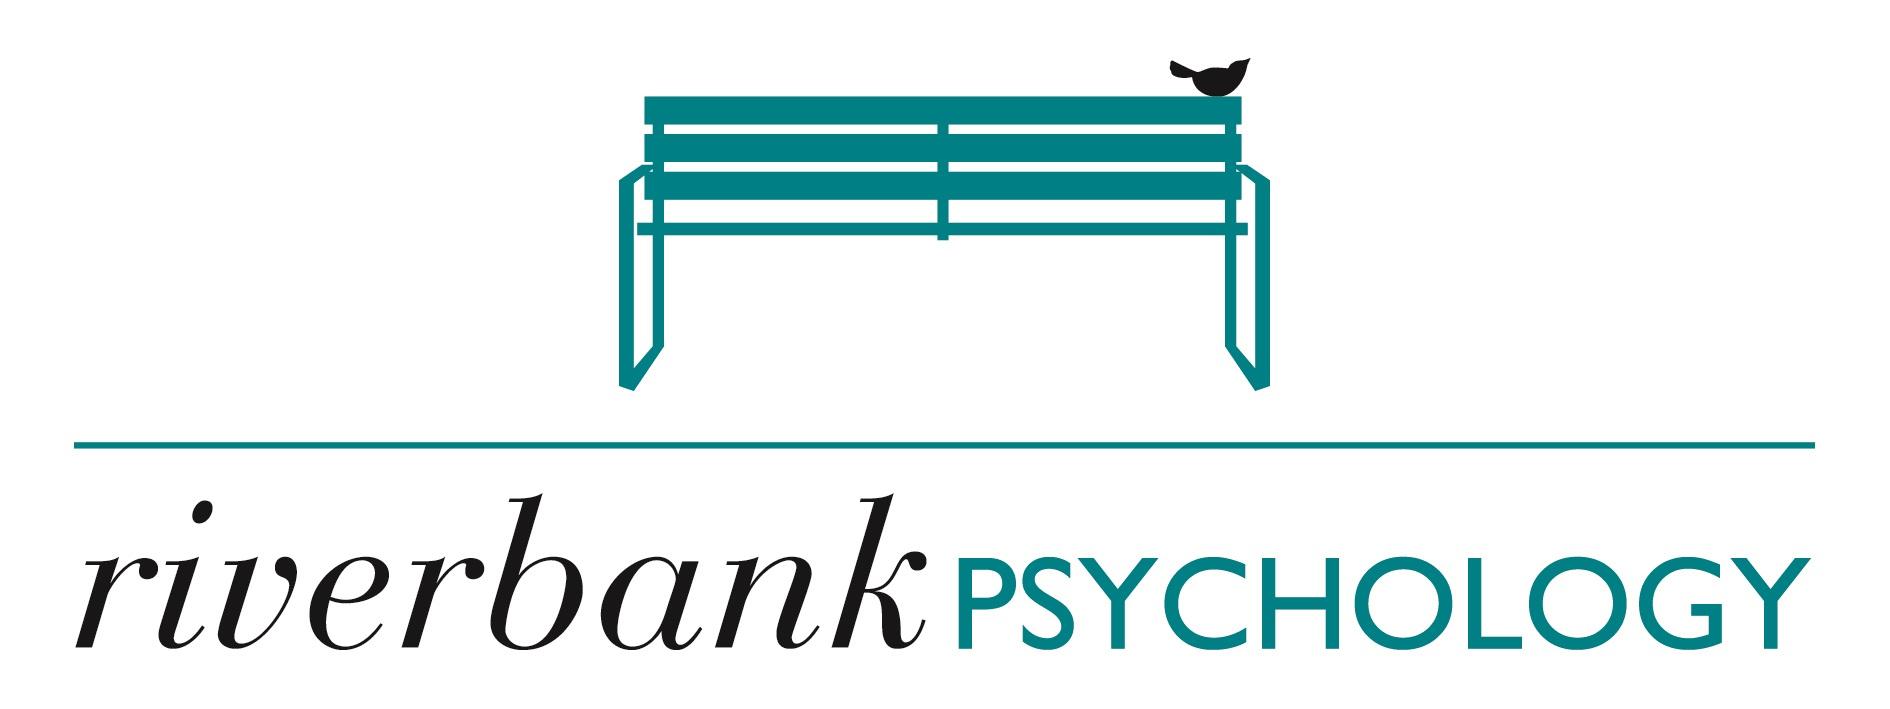 Riverbank Psychology